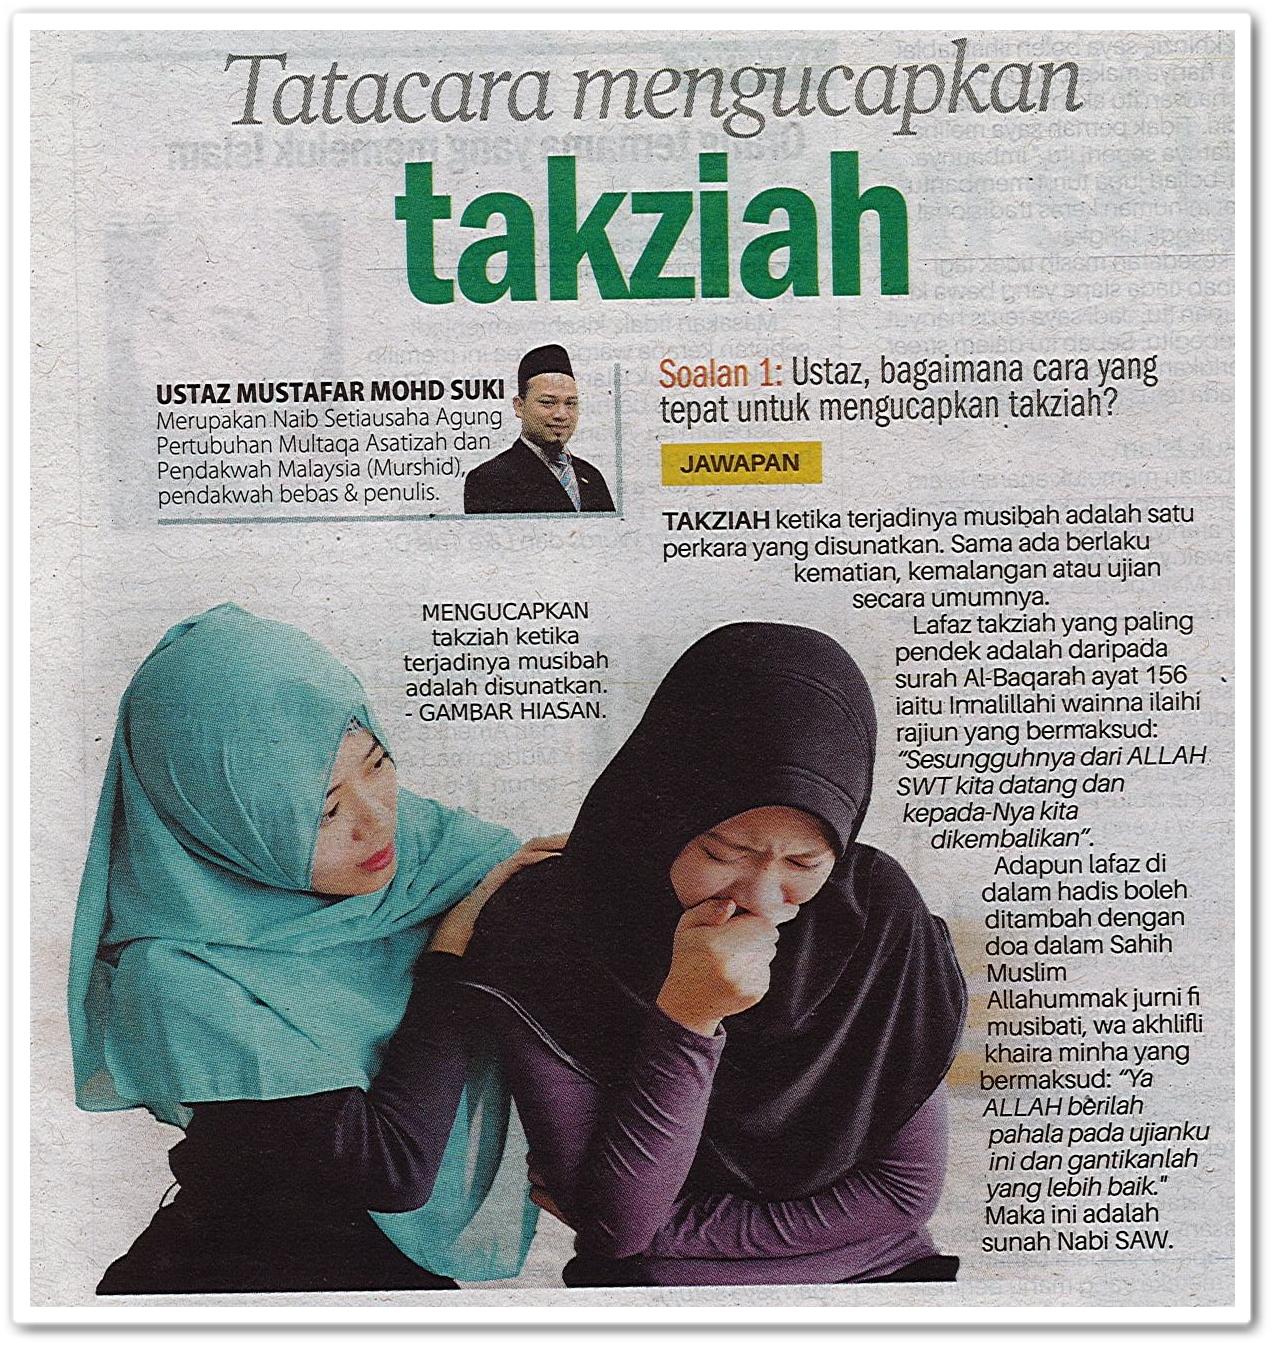 Tatacara mengucapkan takziah - Keratan akhbar Sinar Harian 8 Mac 2019